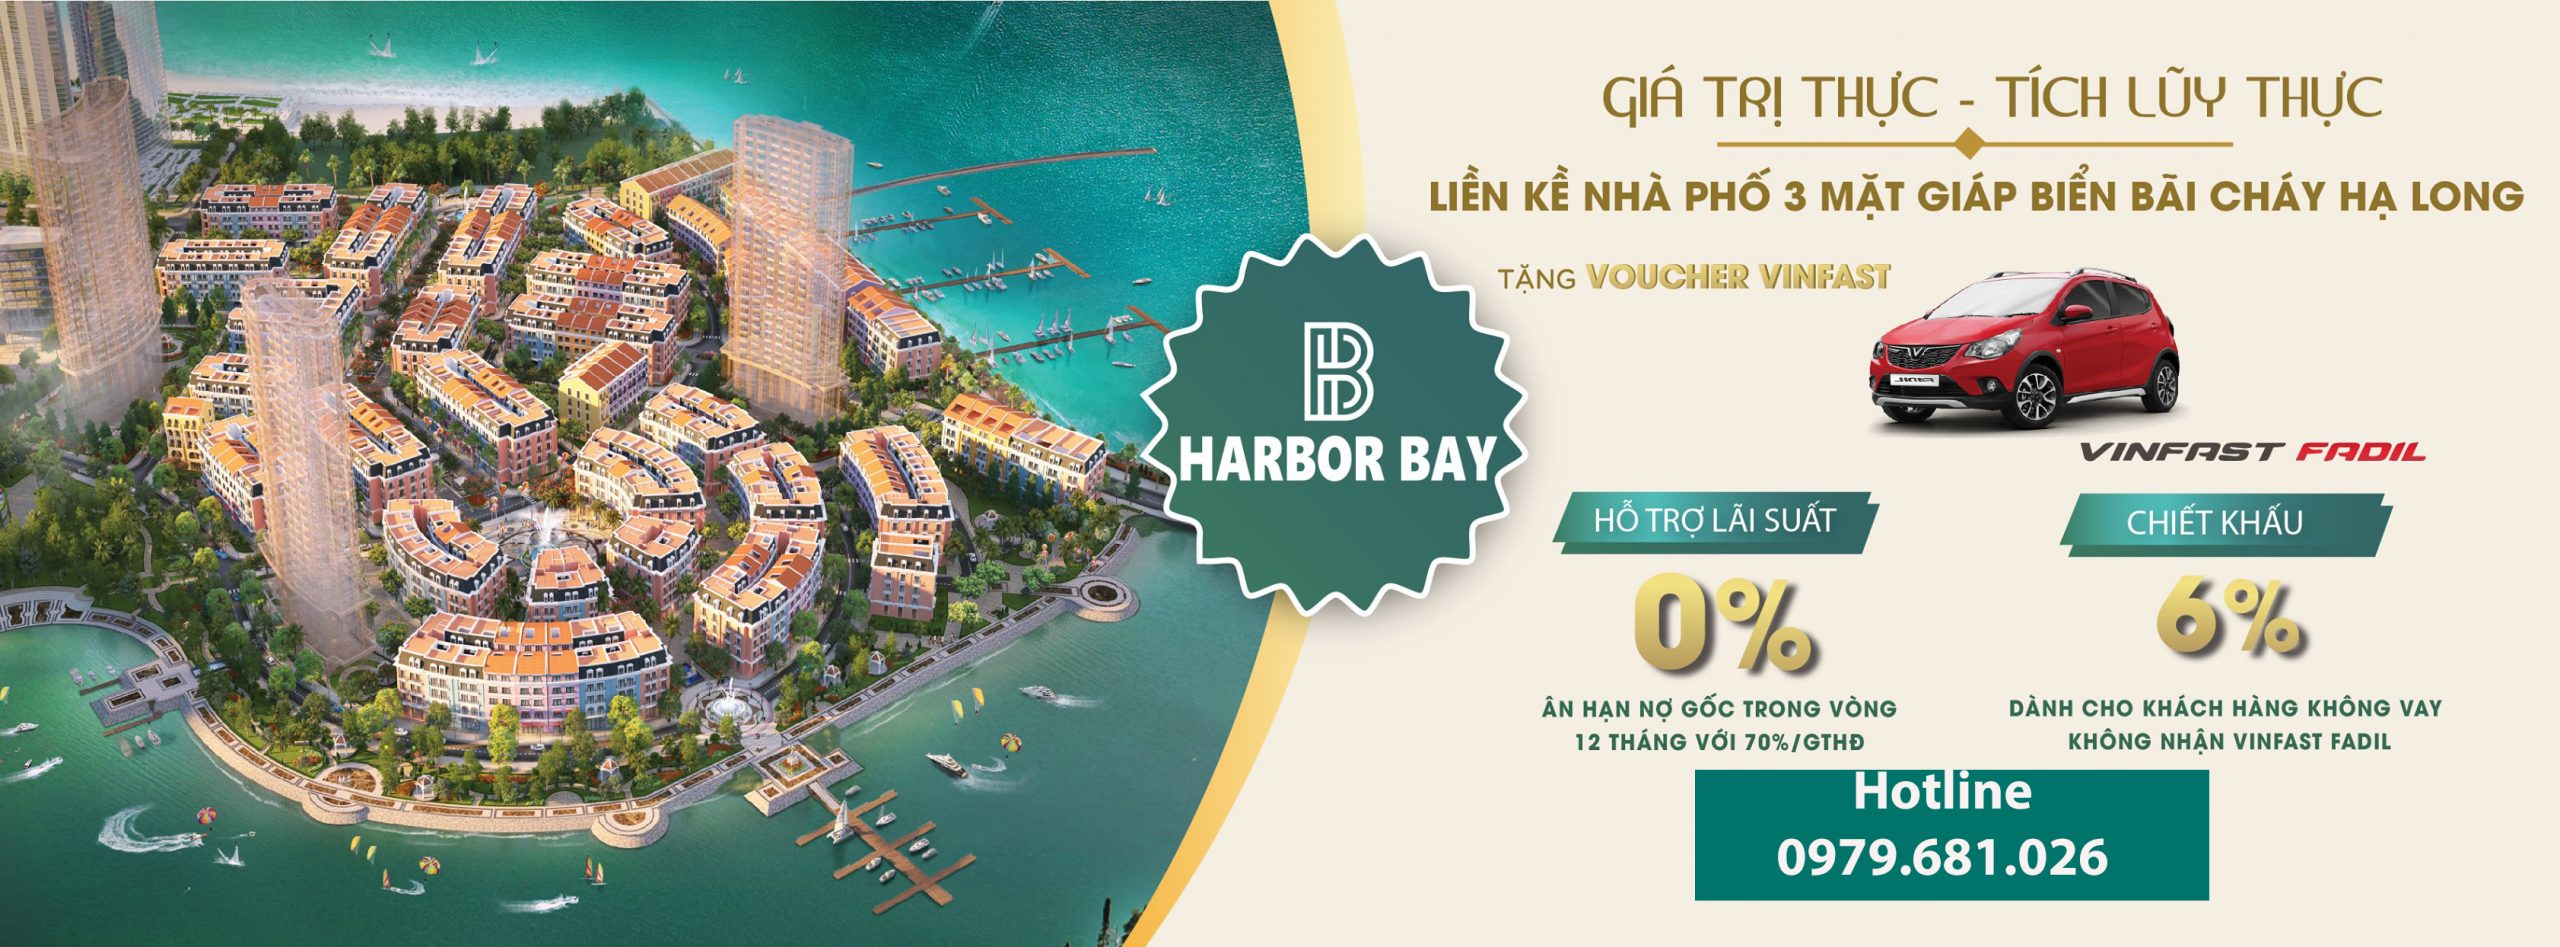 Dự án Harbor Bay Hạ Long